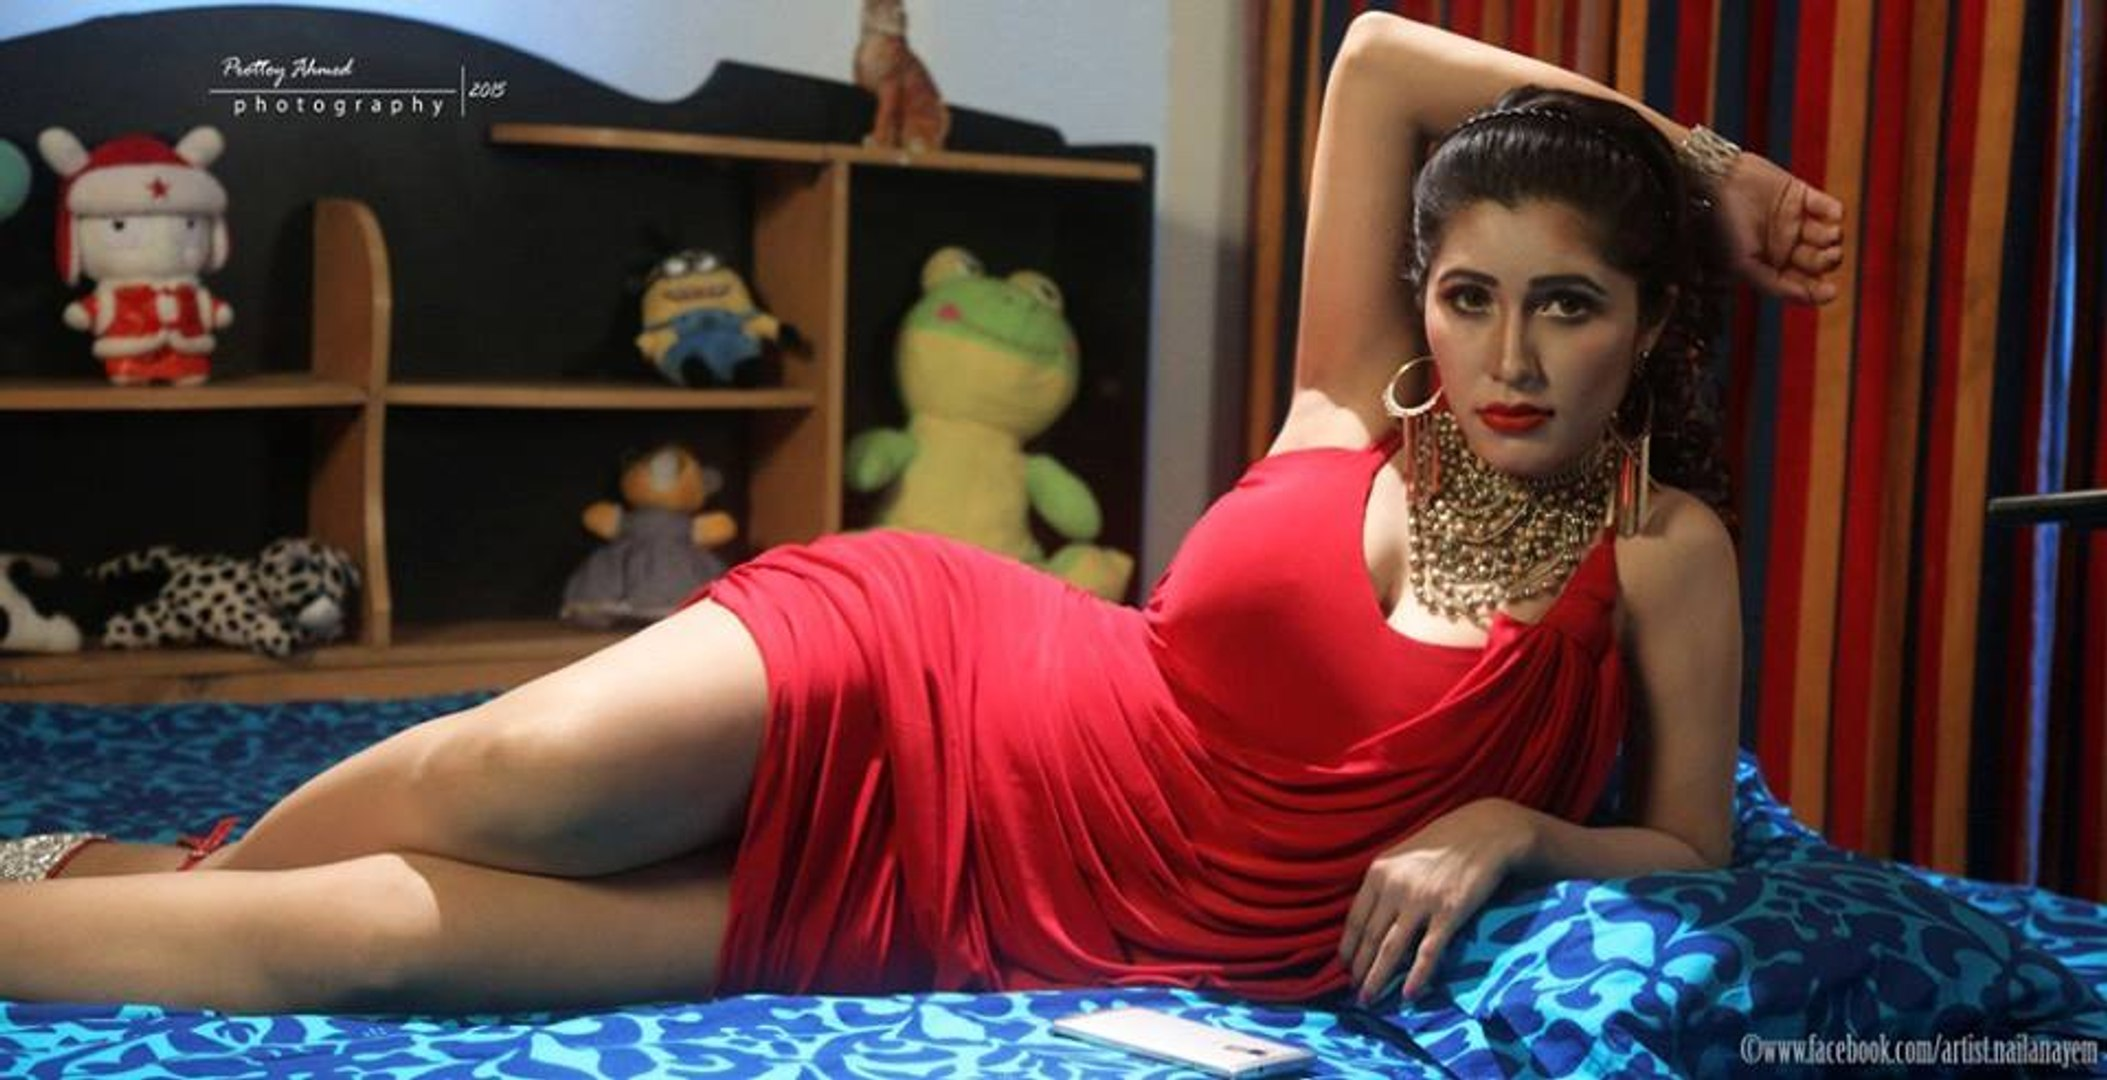 সব কিছু খুলেই দেখাল | Naila Nayem | নায়লা নাঈম | Bangla Funny Video